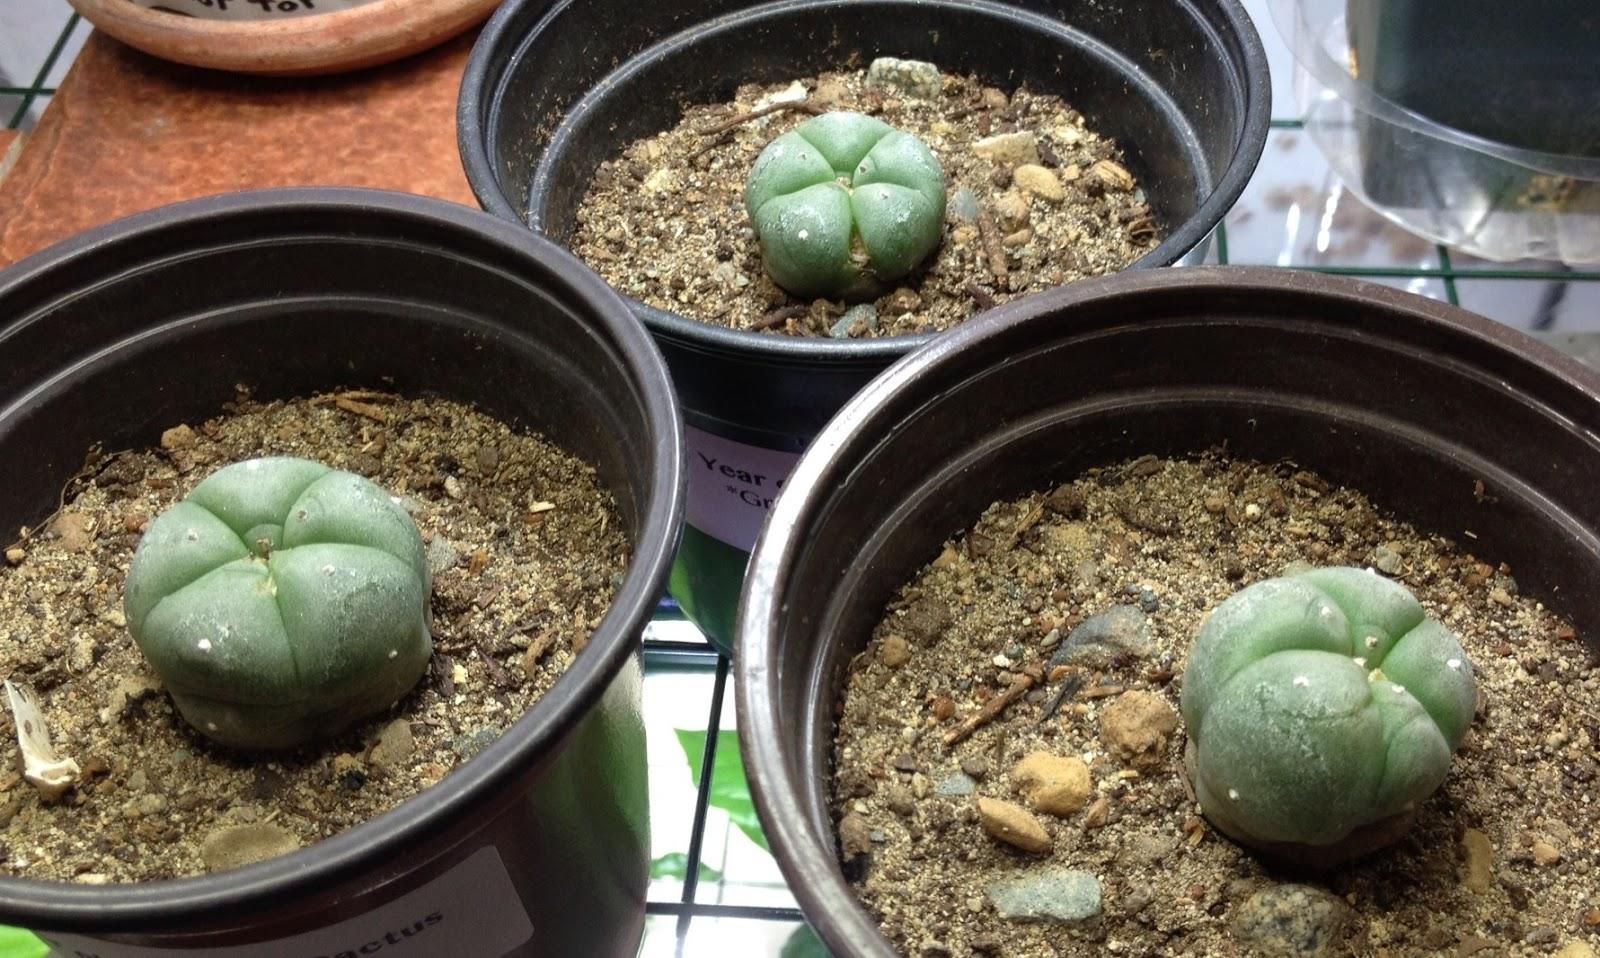 Succulent Plants Vancouver